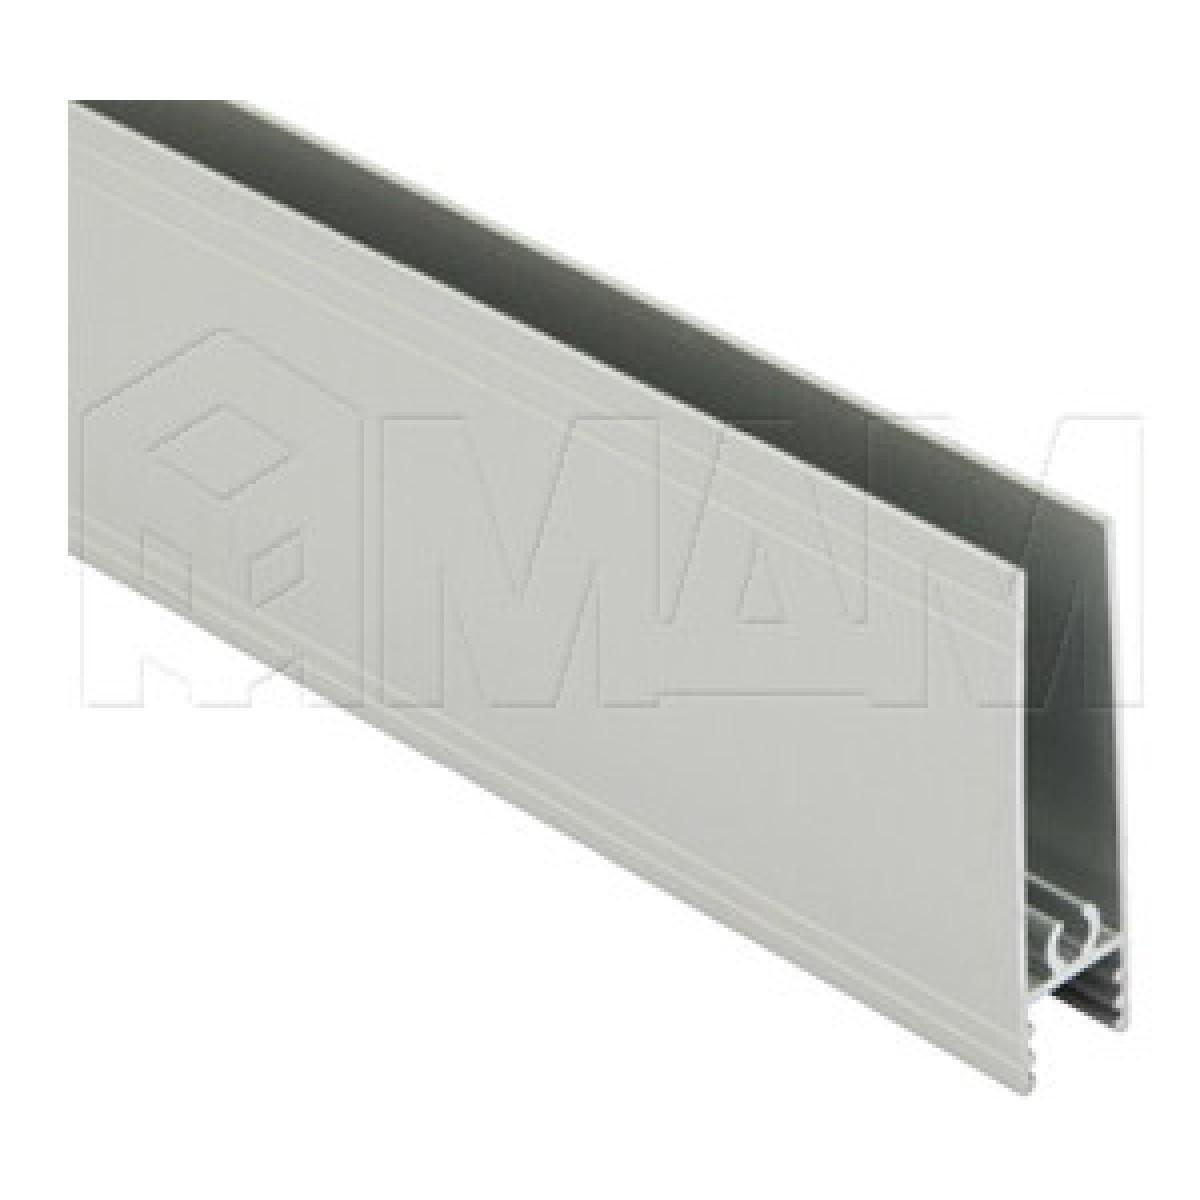 INTEGRO Горизонтальный профиль нижний серебро, L-6000